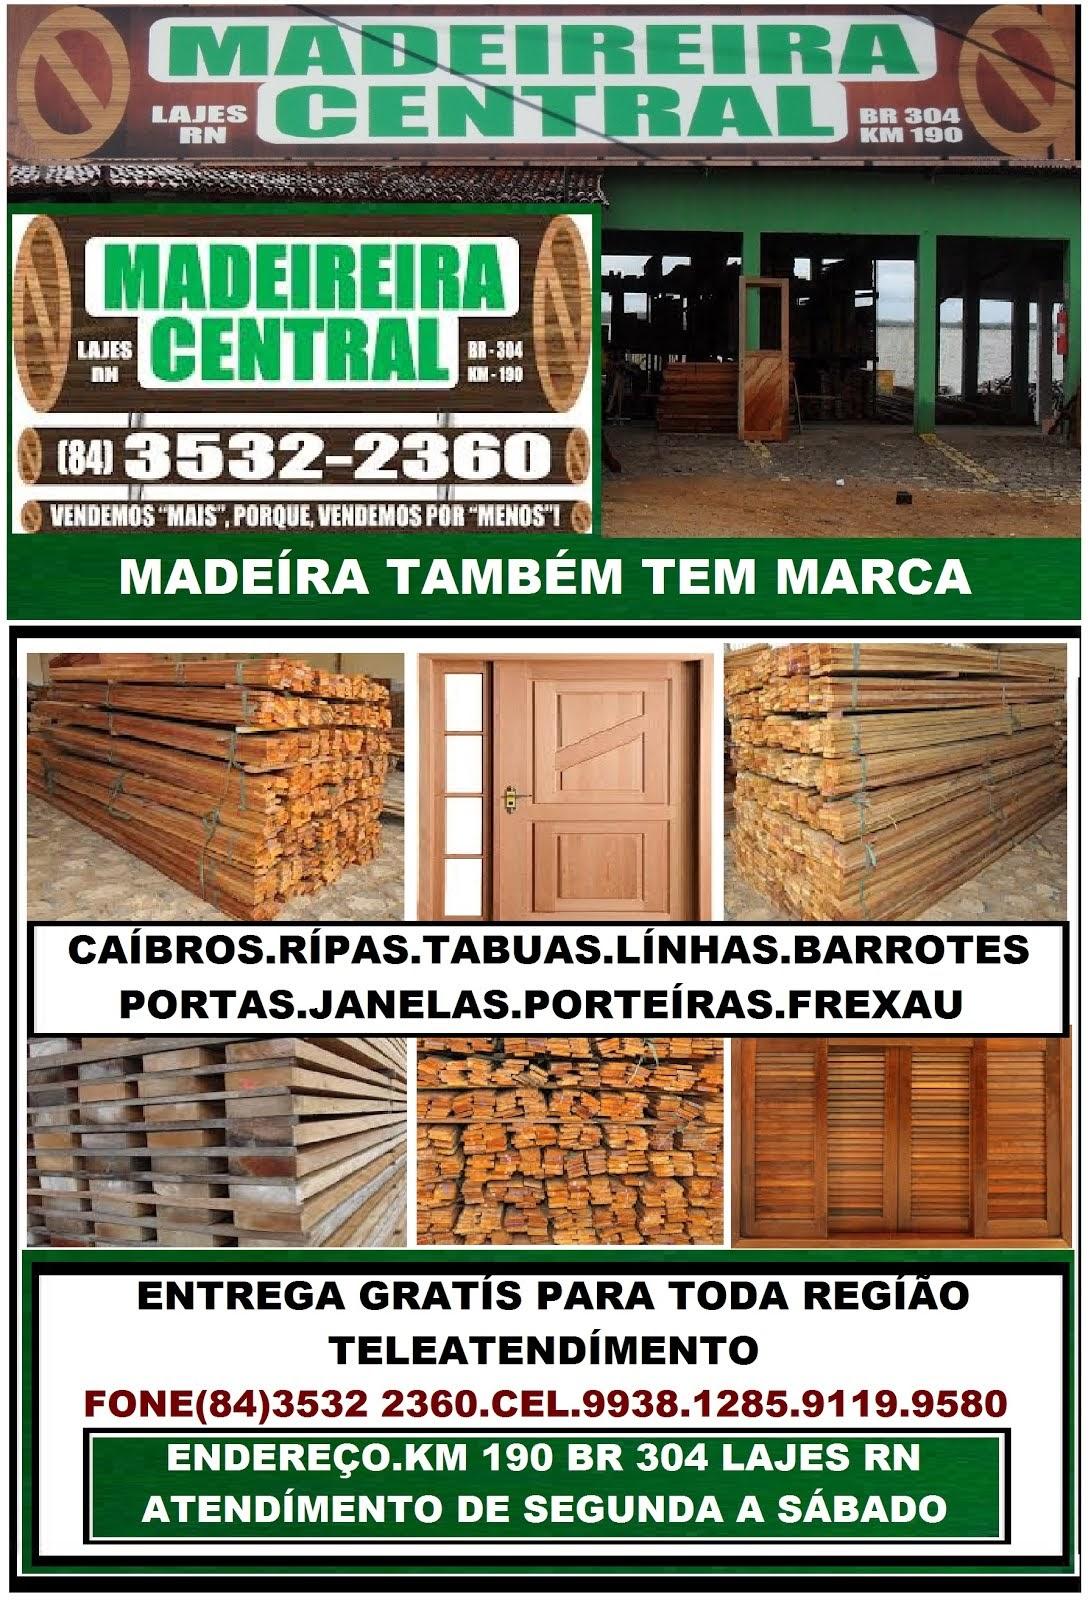 MADEIREÍRA CENTRAL LAJES RN